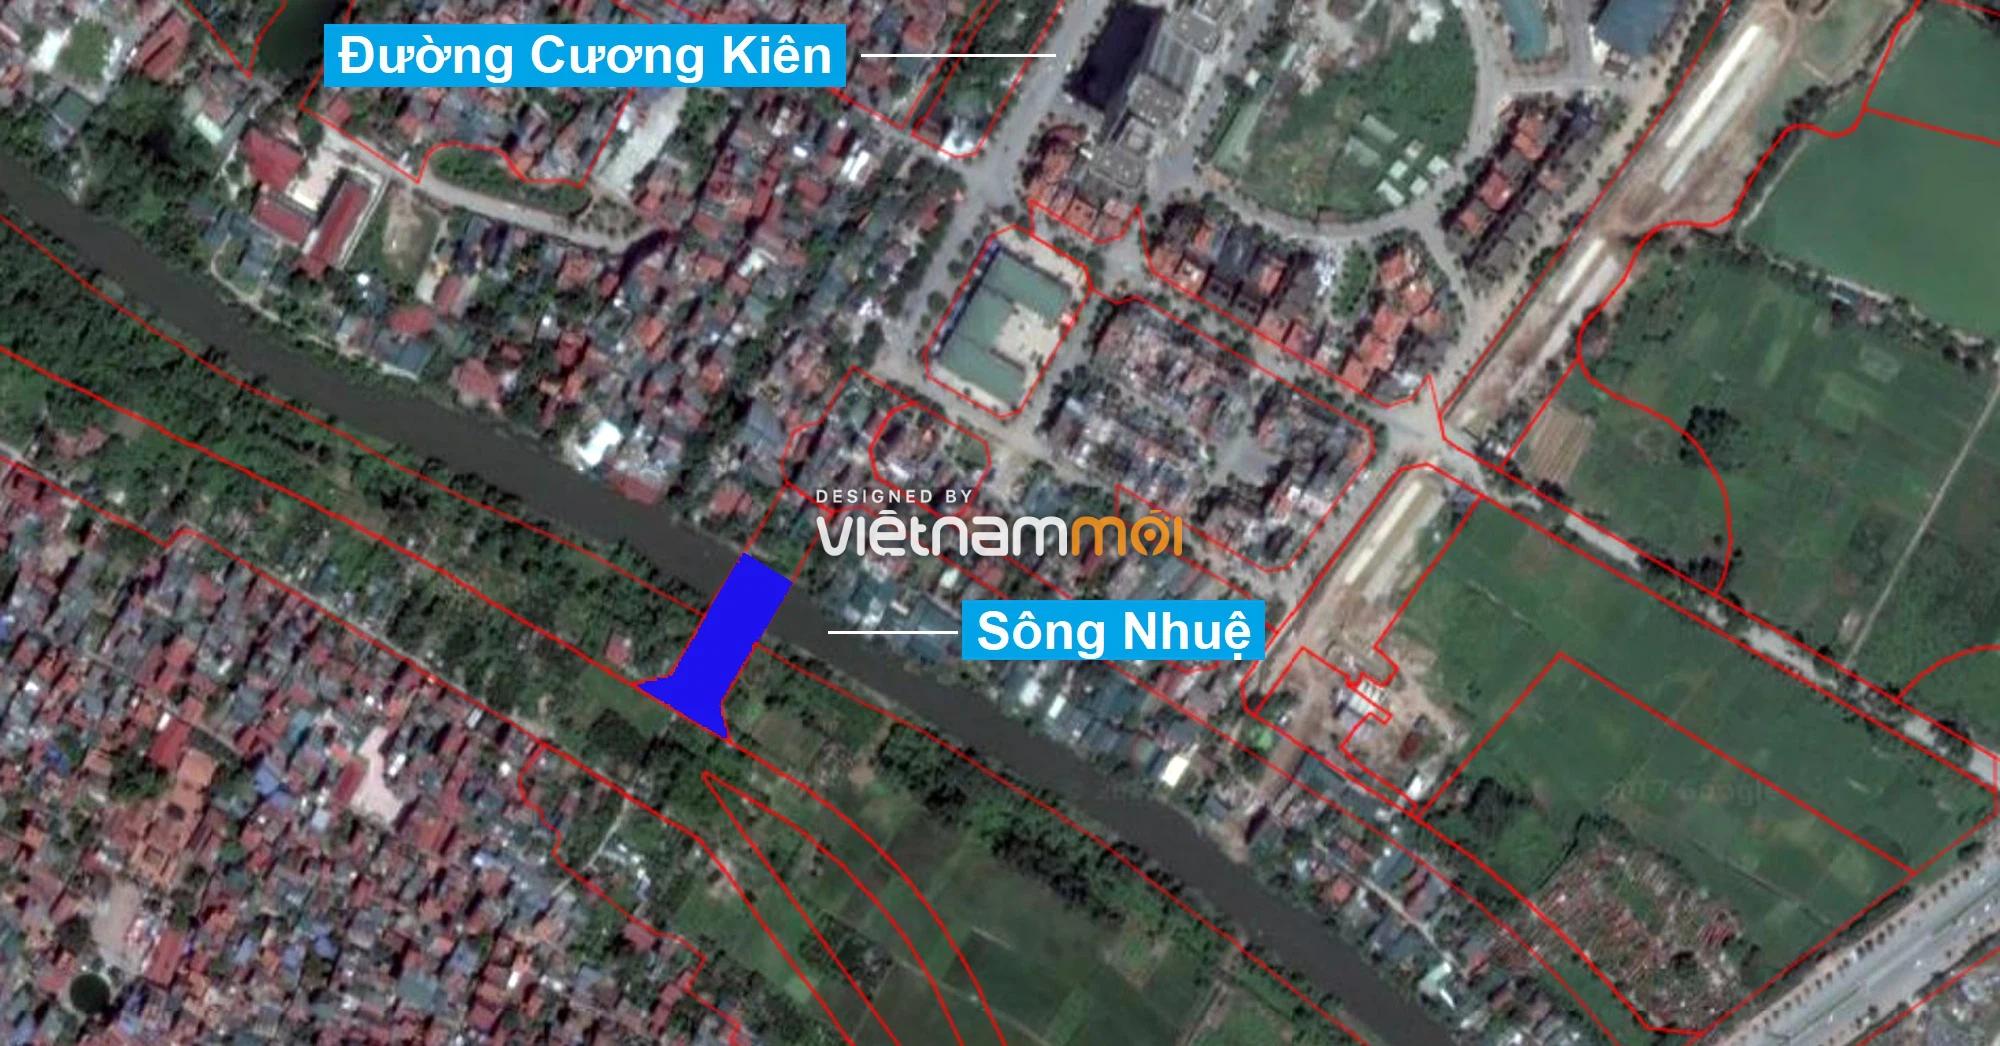 Những khu đất sắp thu hồi để mở đường ở phường Đại Mỗ, Nam Từ Liêm, Hà Nội (phần 2) Chưa xong - Ảnh 9.